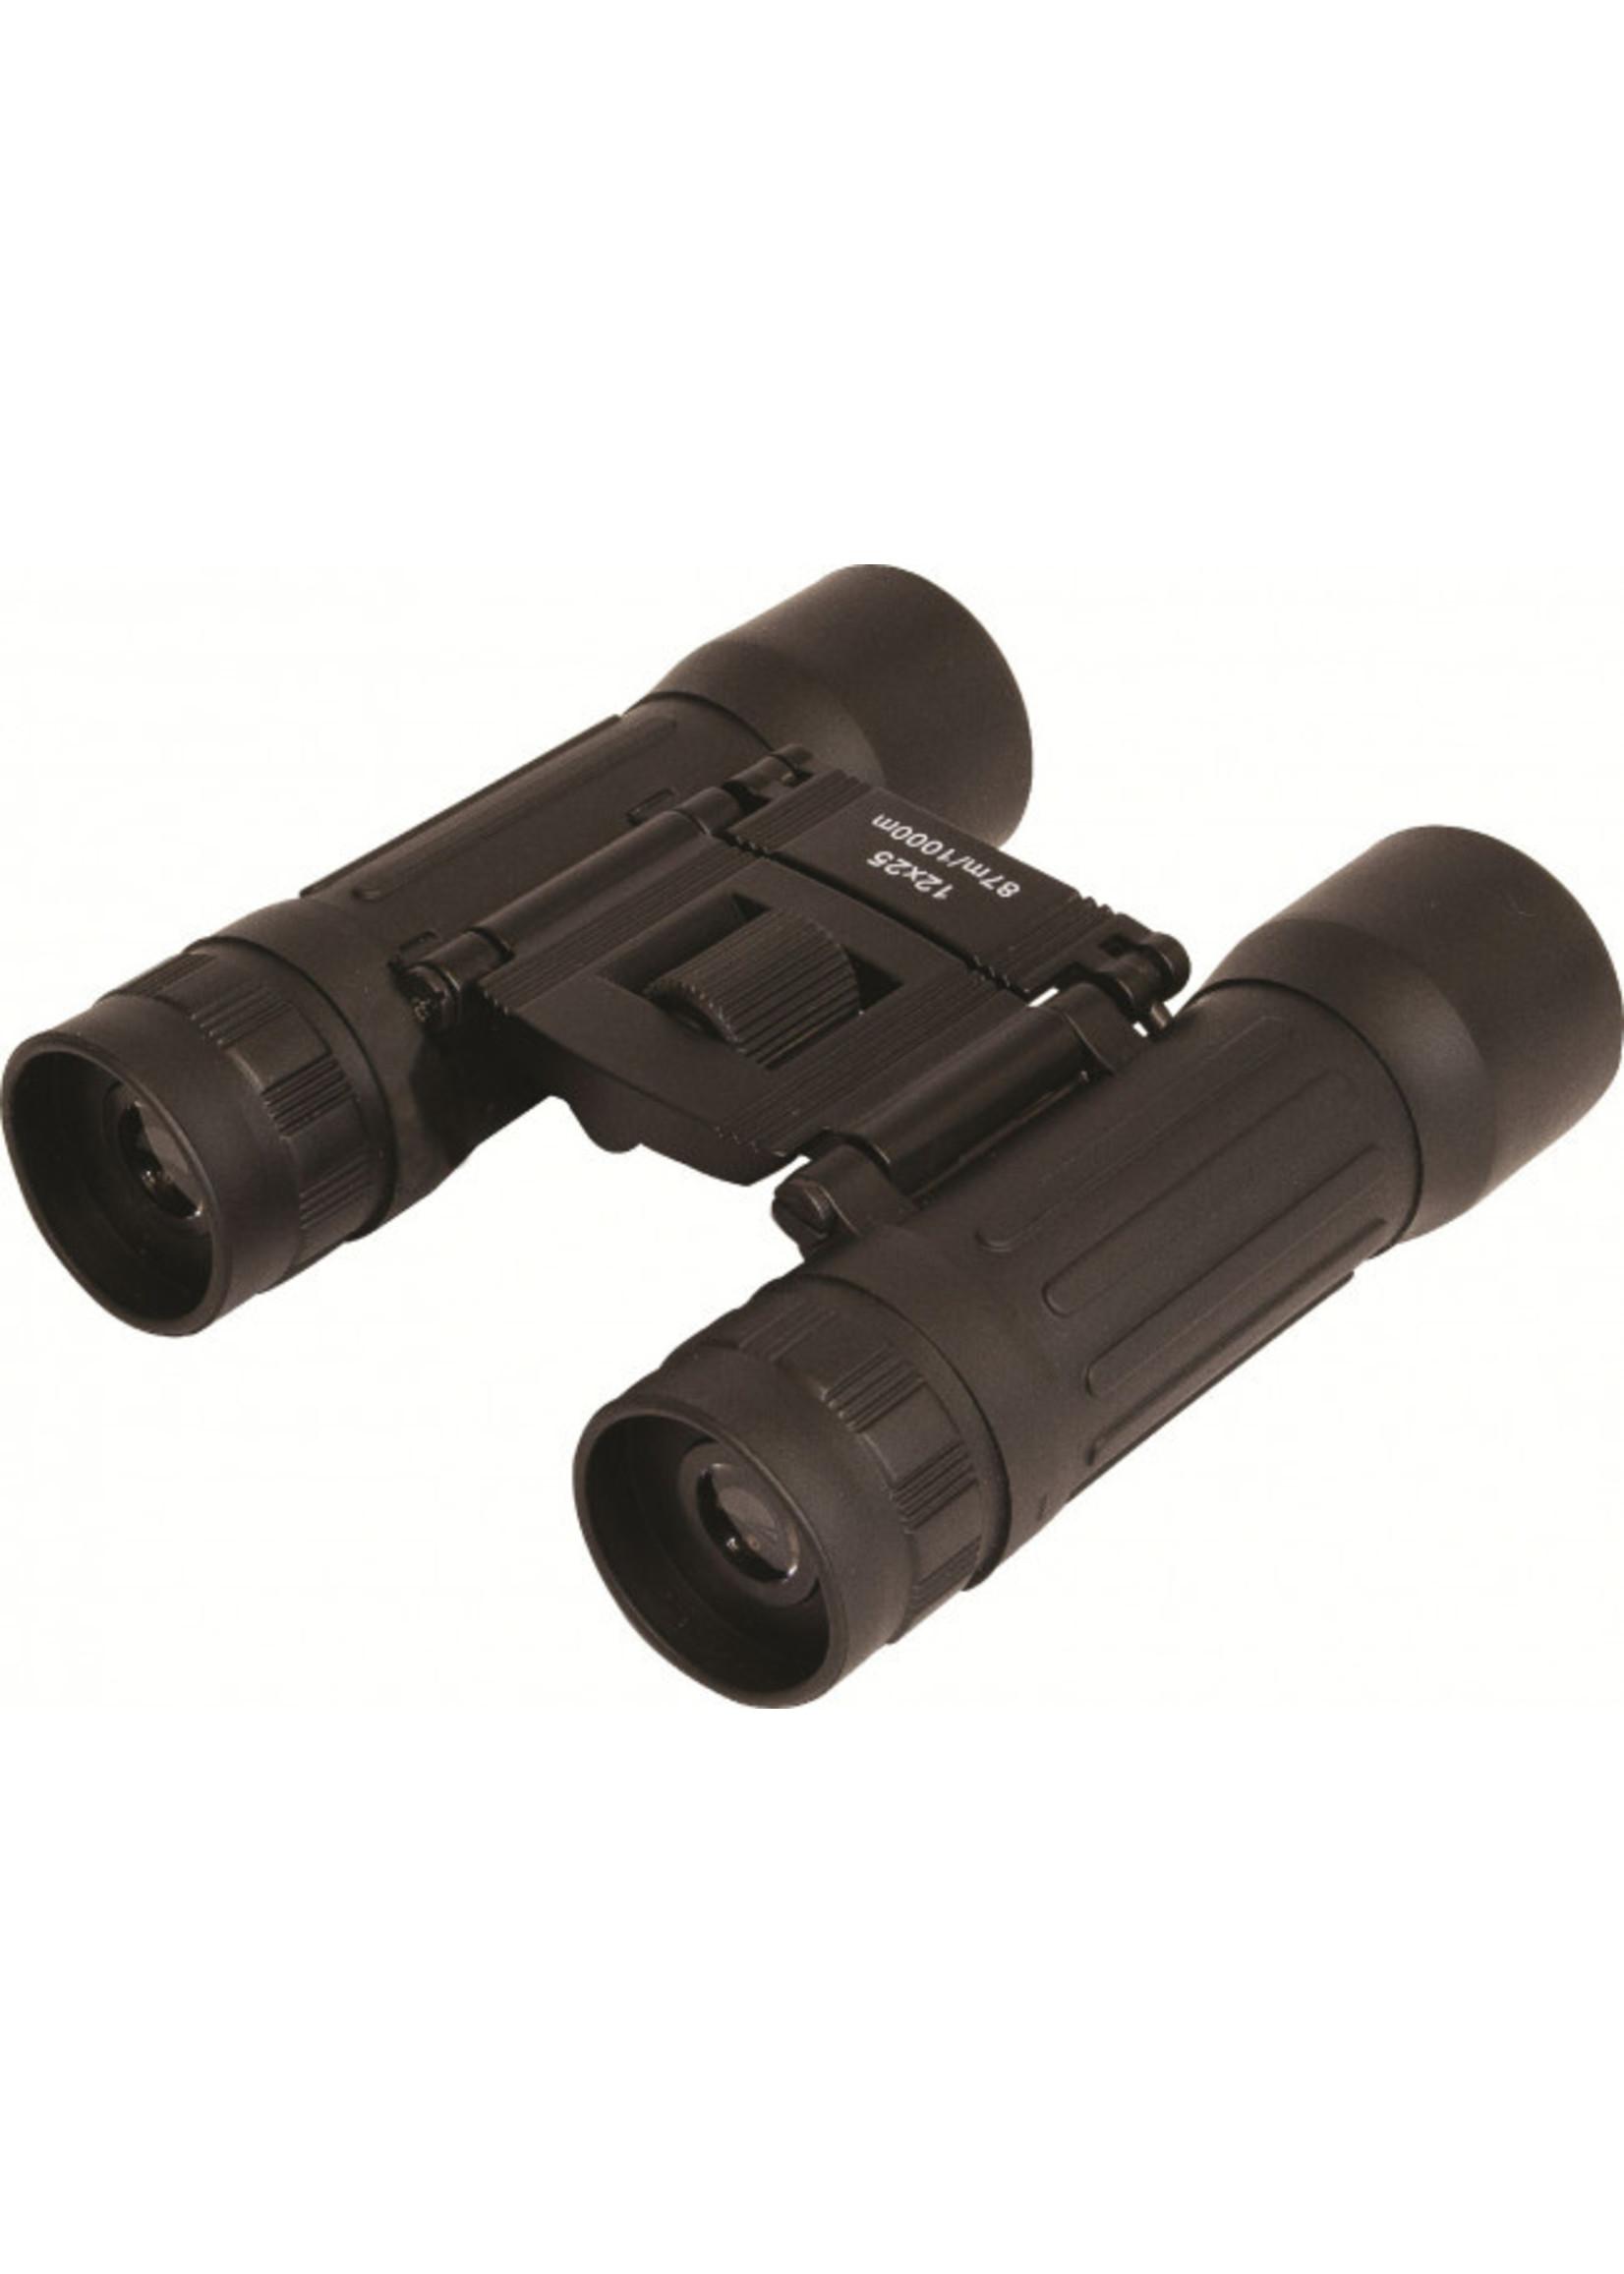 Highlander Highlander Pocket Birdwatcher 12x25 Binoculars